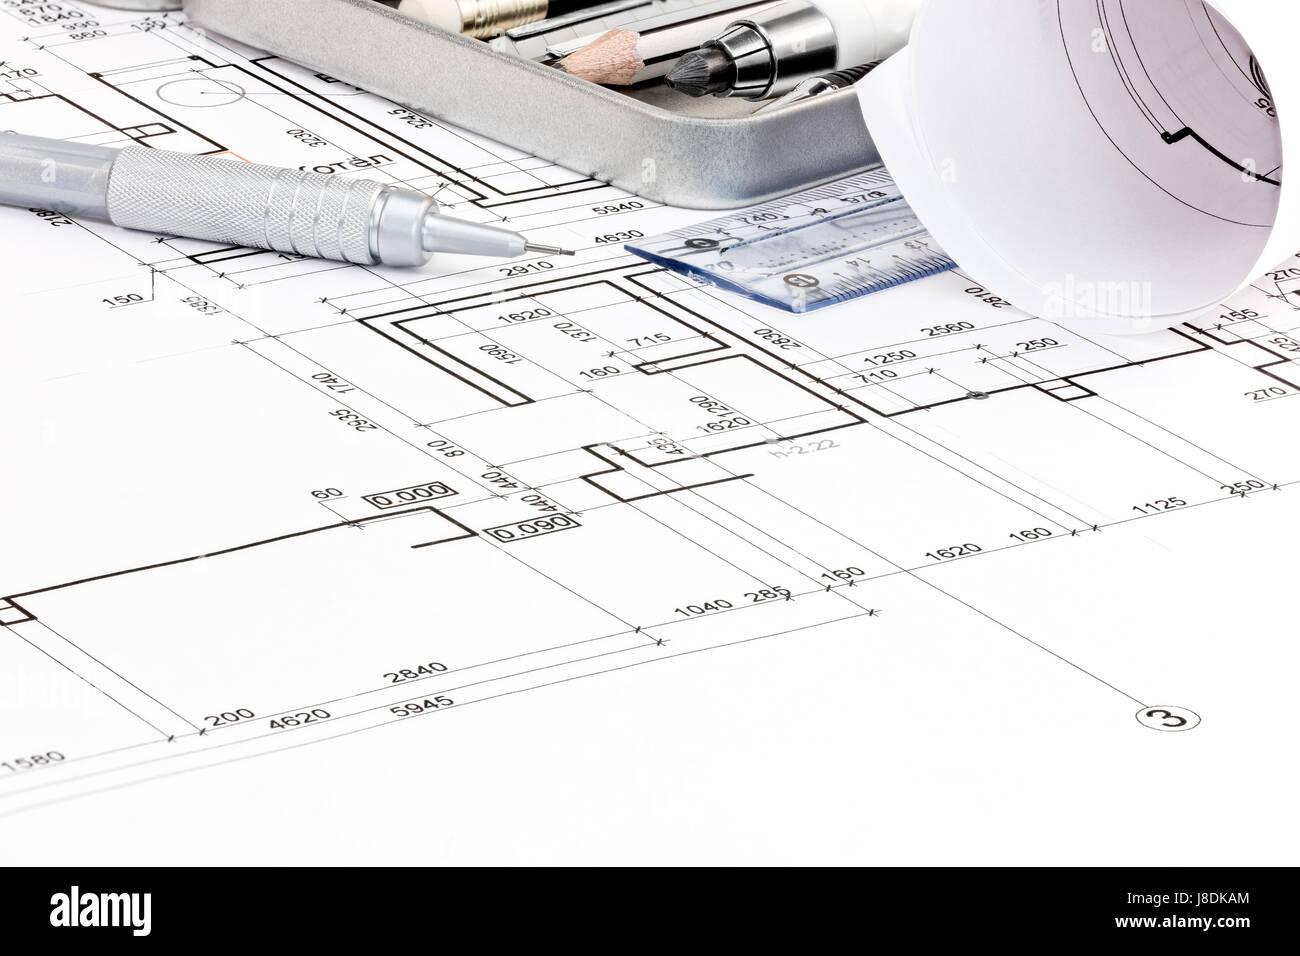 Haus Grundriss Pläne Und Werkzeuge Makro Zeichnungsansicht Stockbild